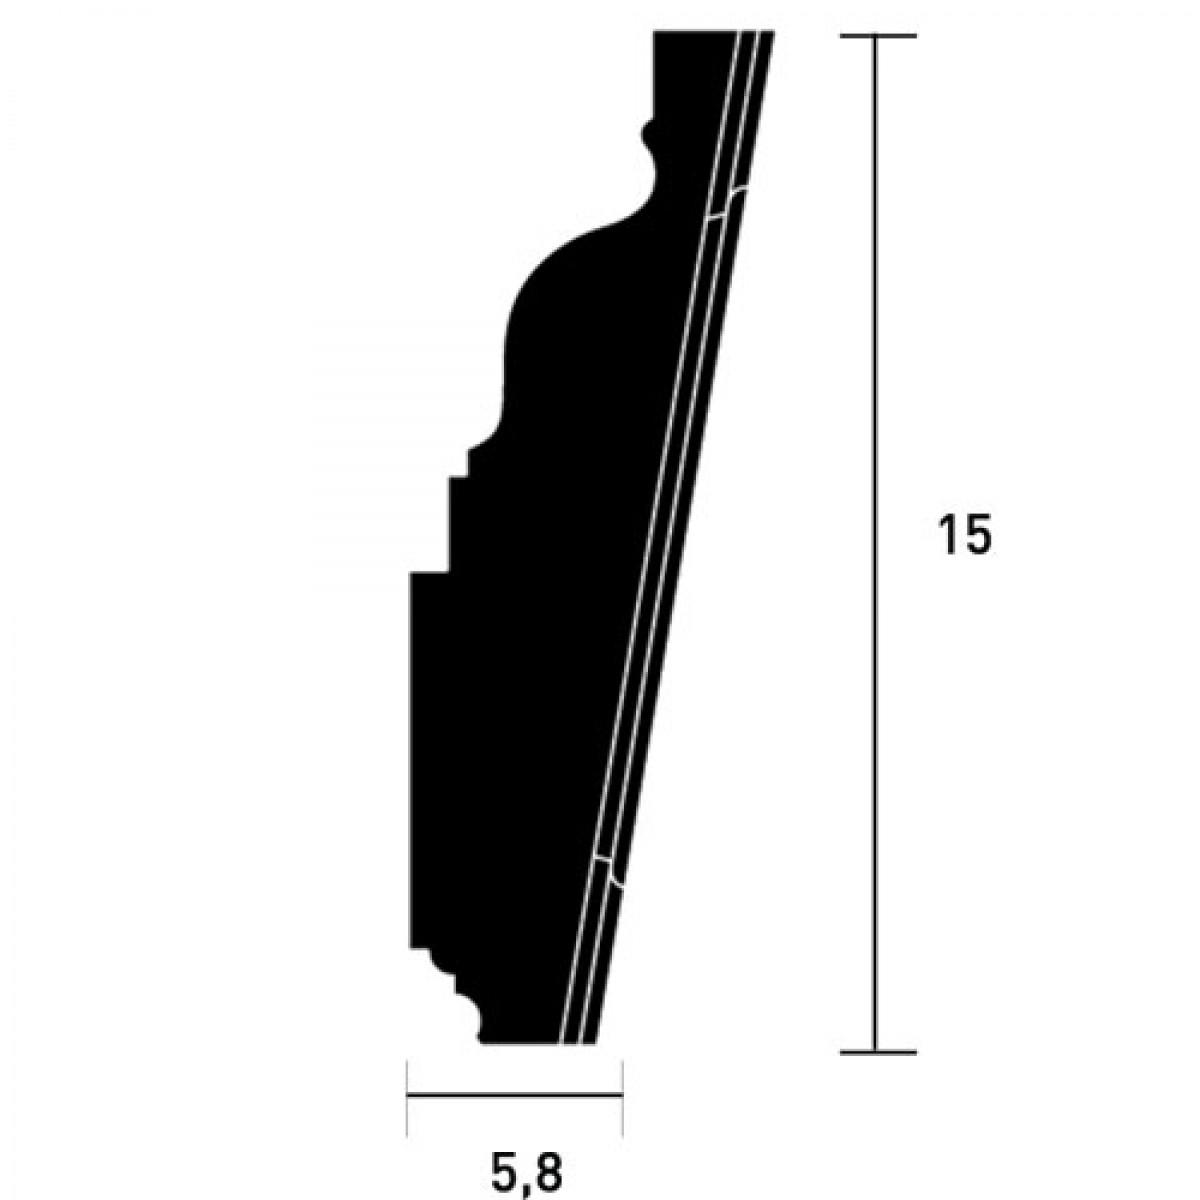 Cheita Fronton Luxxus D402, Dimensiuni: 15 X 12.1 X 5.8 cm, Orac Decor